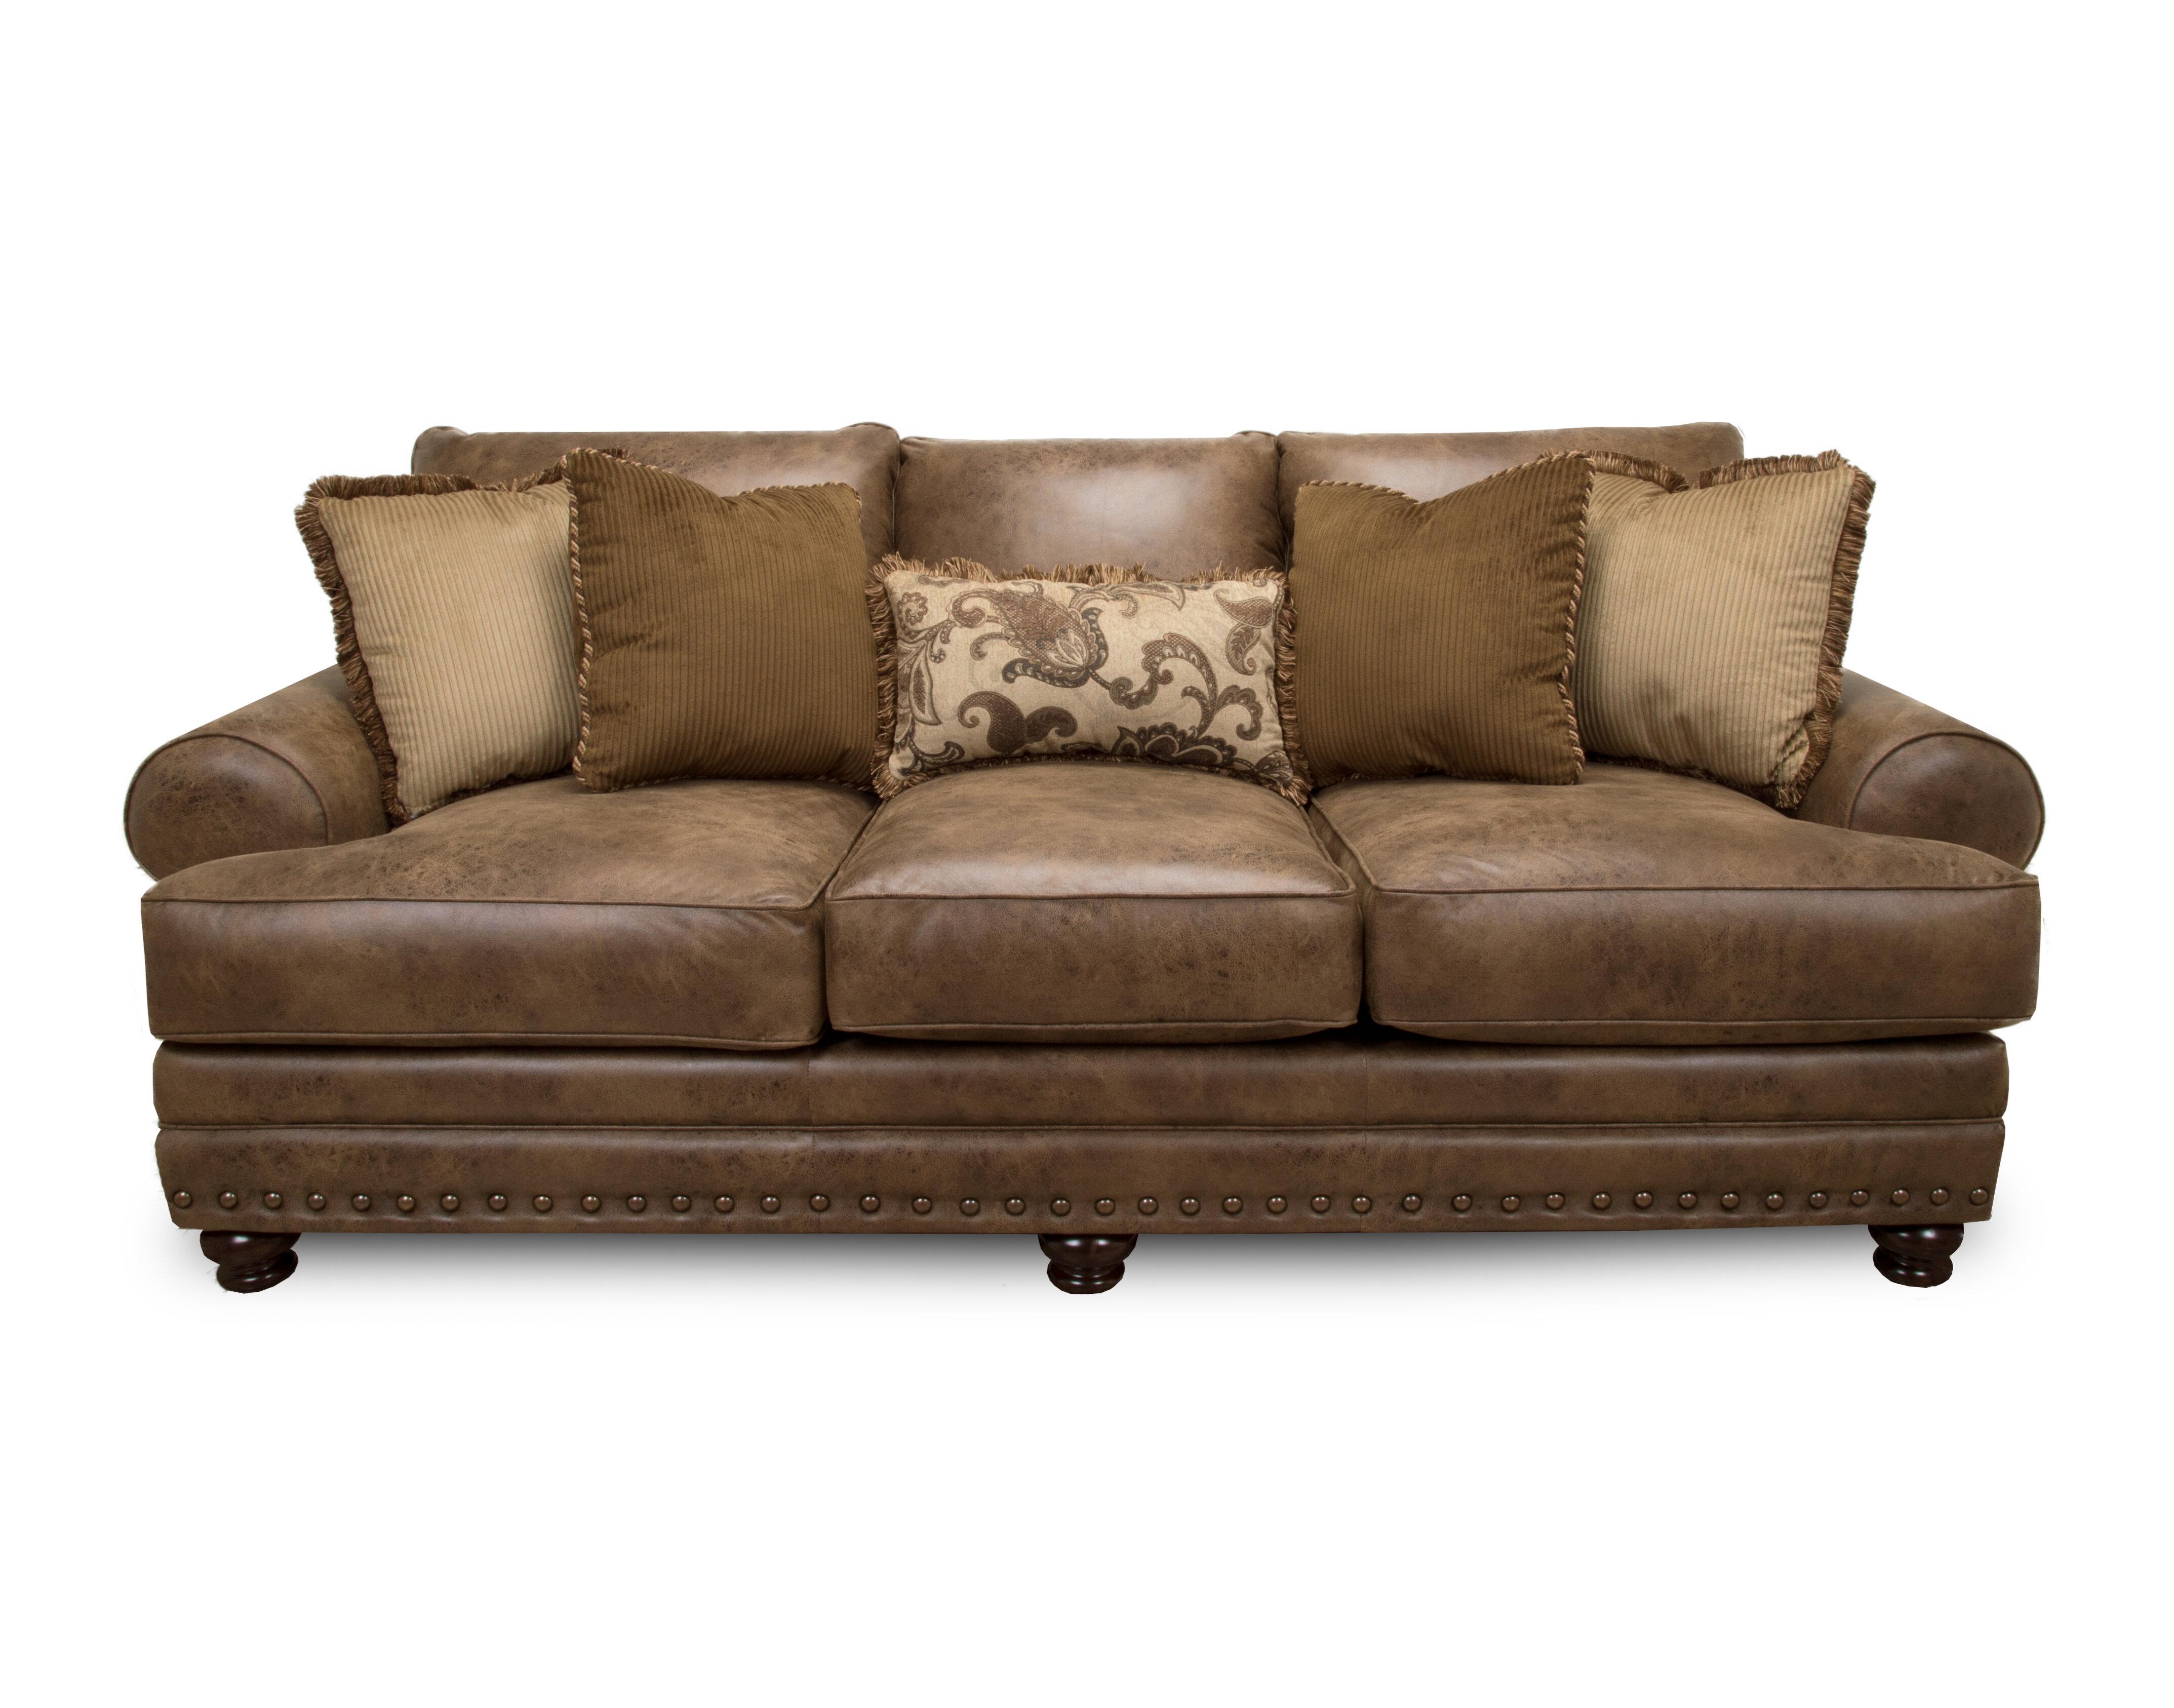 Loon Peak Claremore Sofa Reviews